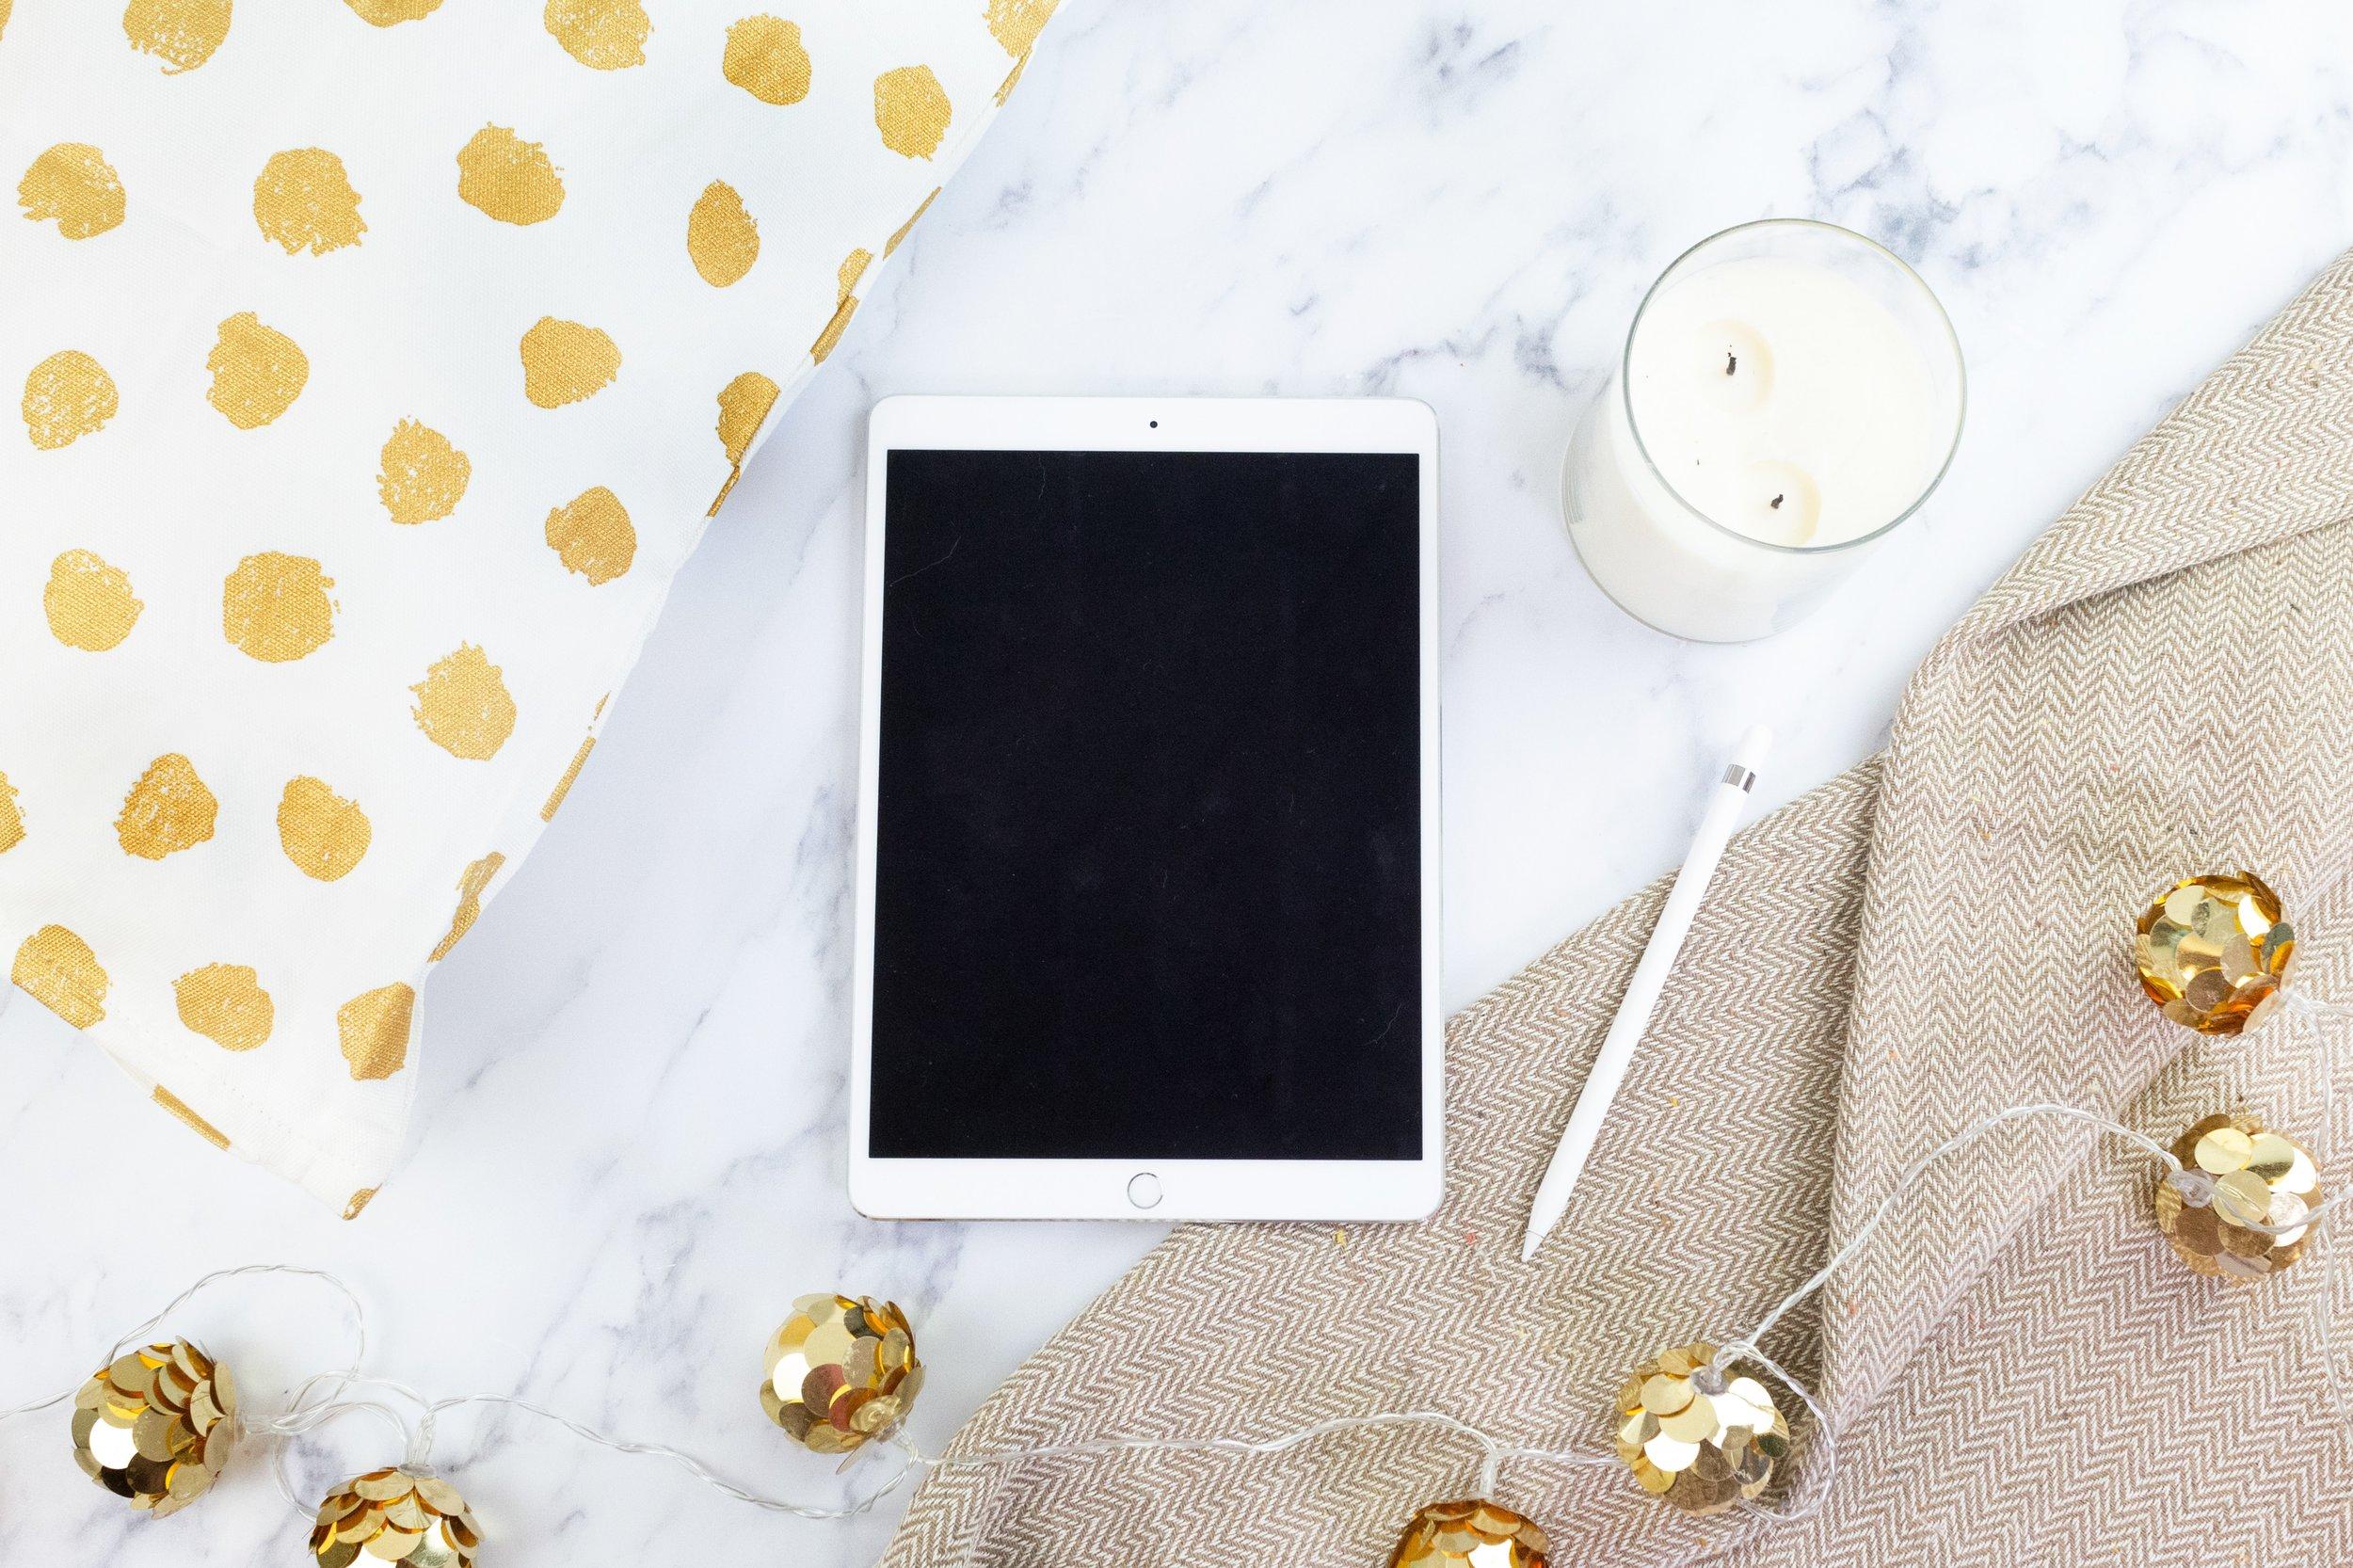 emma-matthews-s-opJ2NBjtw-iPad-unsplash.jpg